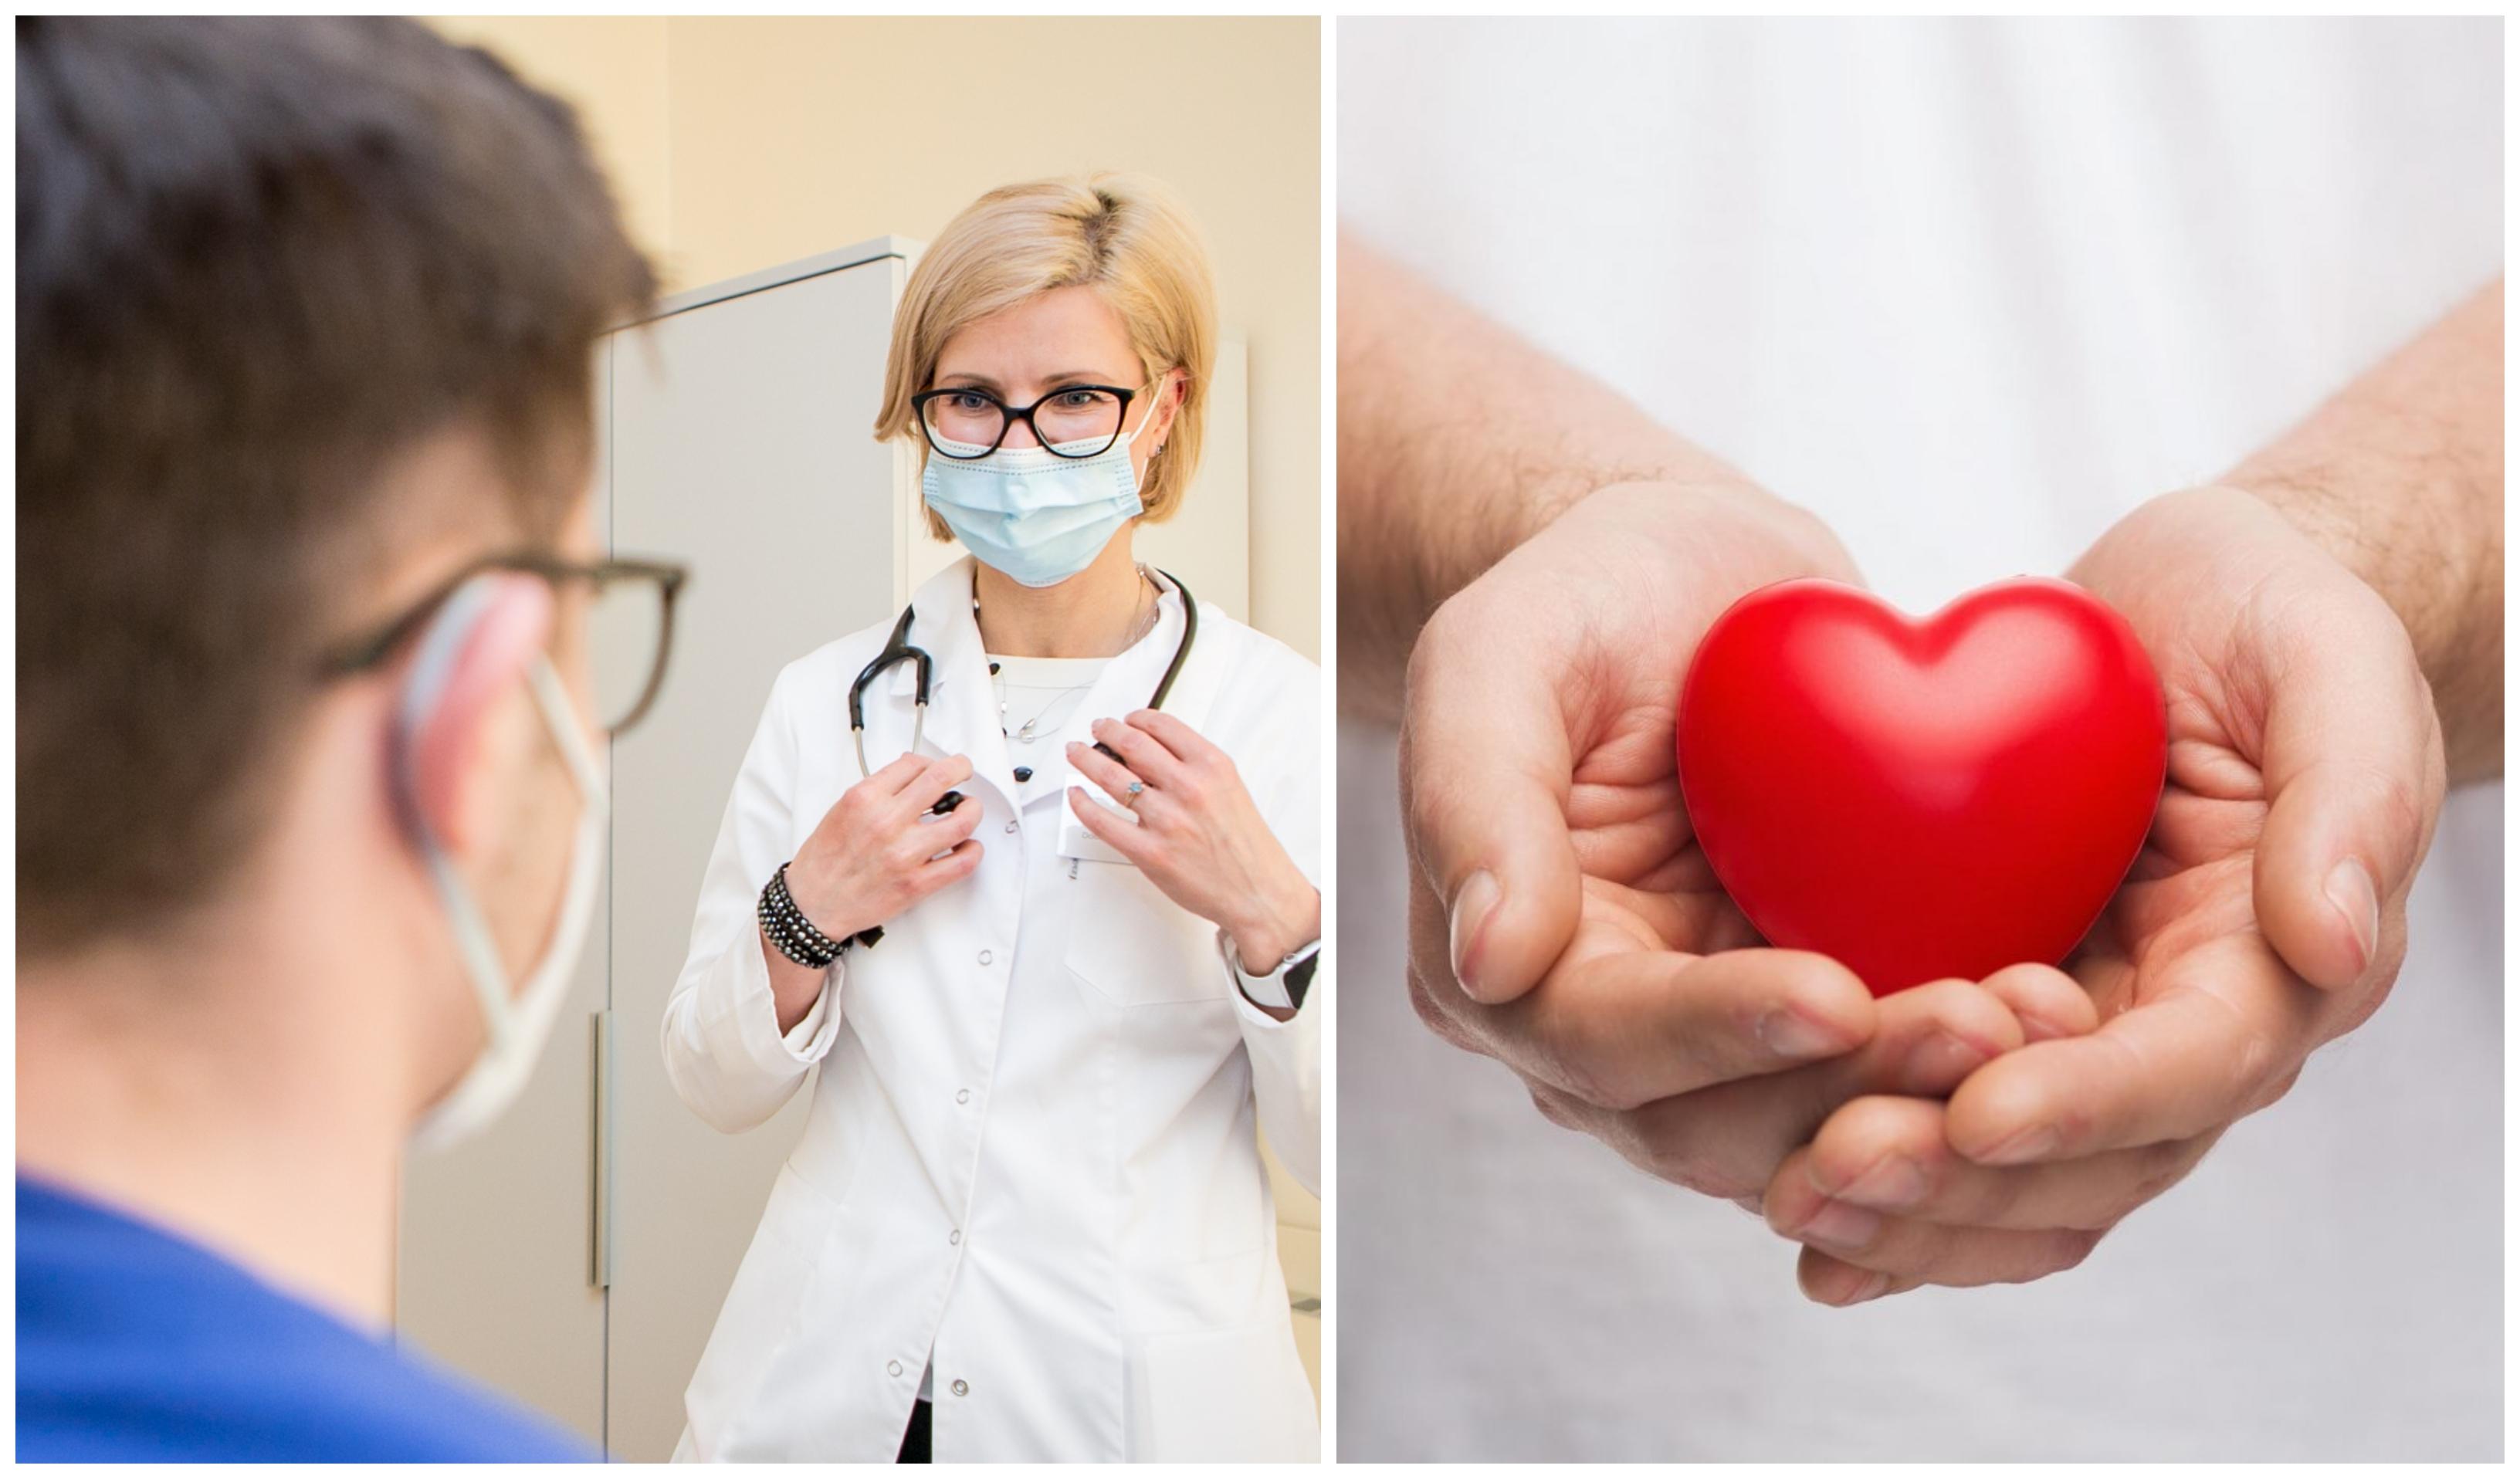 Vaistai, skirti infarkto prevencijai, naudingi net įvykus infarktui